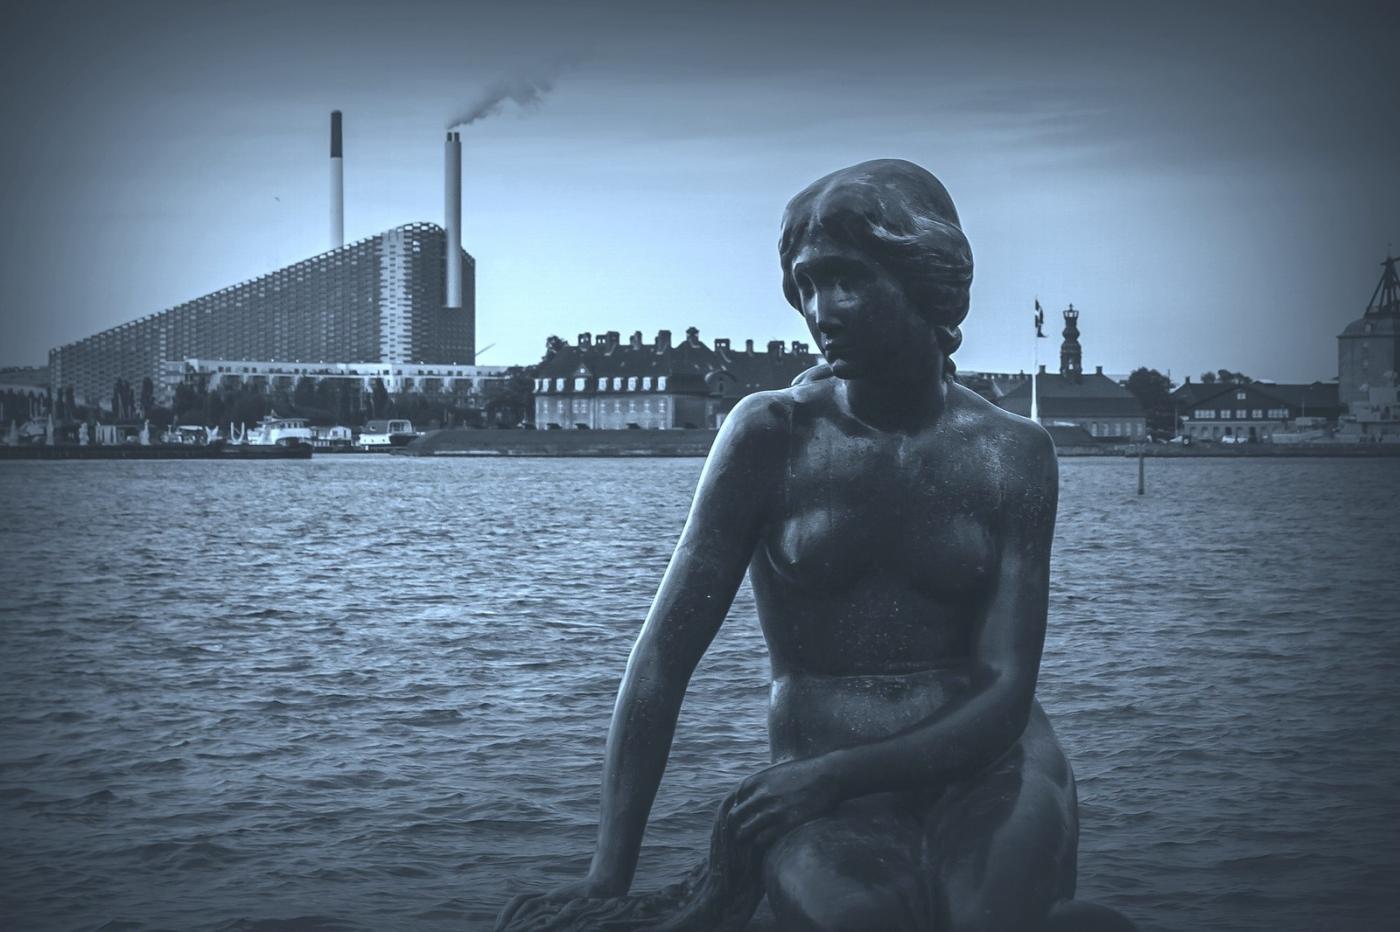 丹麦美人鱼雕像,雕塑家妻子为蓝本_图1-2